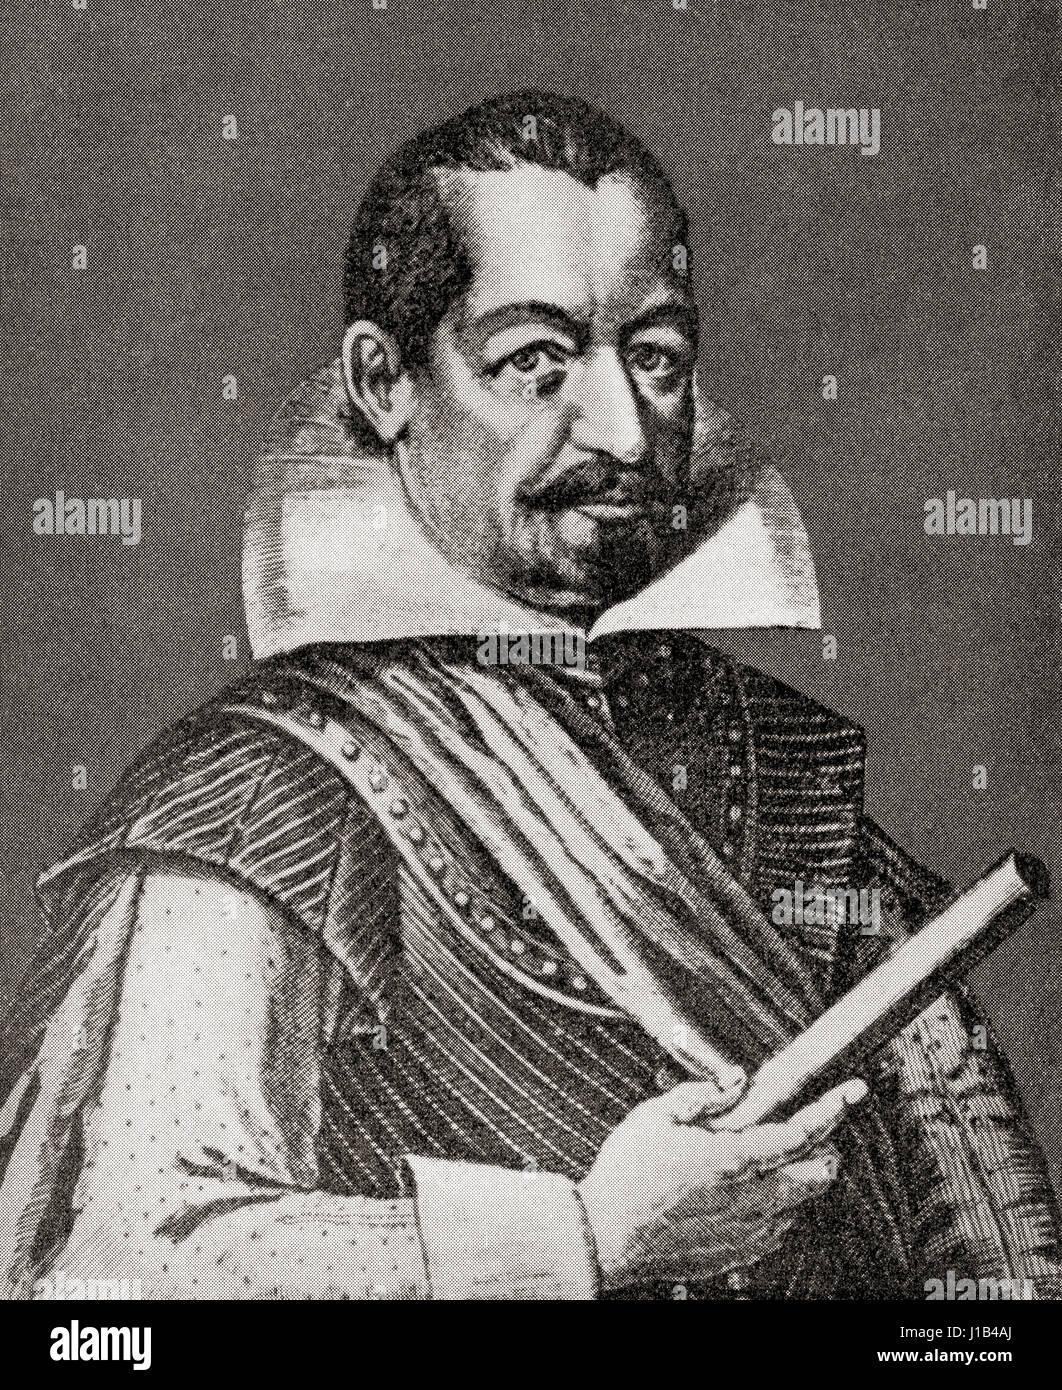 Albrecht Wenzel Eusebius von Wallenstein also von Waldstein, 1583 –  1634. Bohemian military leader and politician. - Stock Image